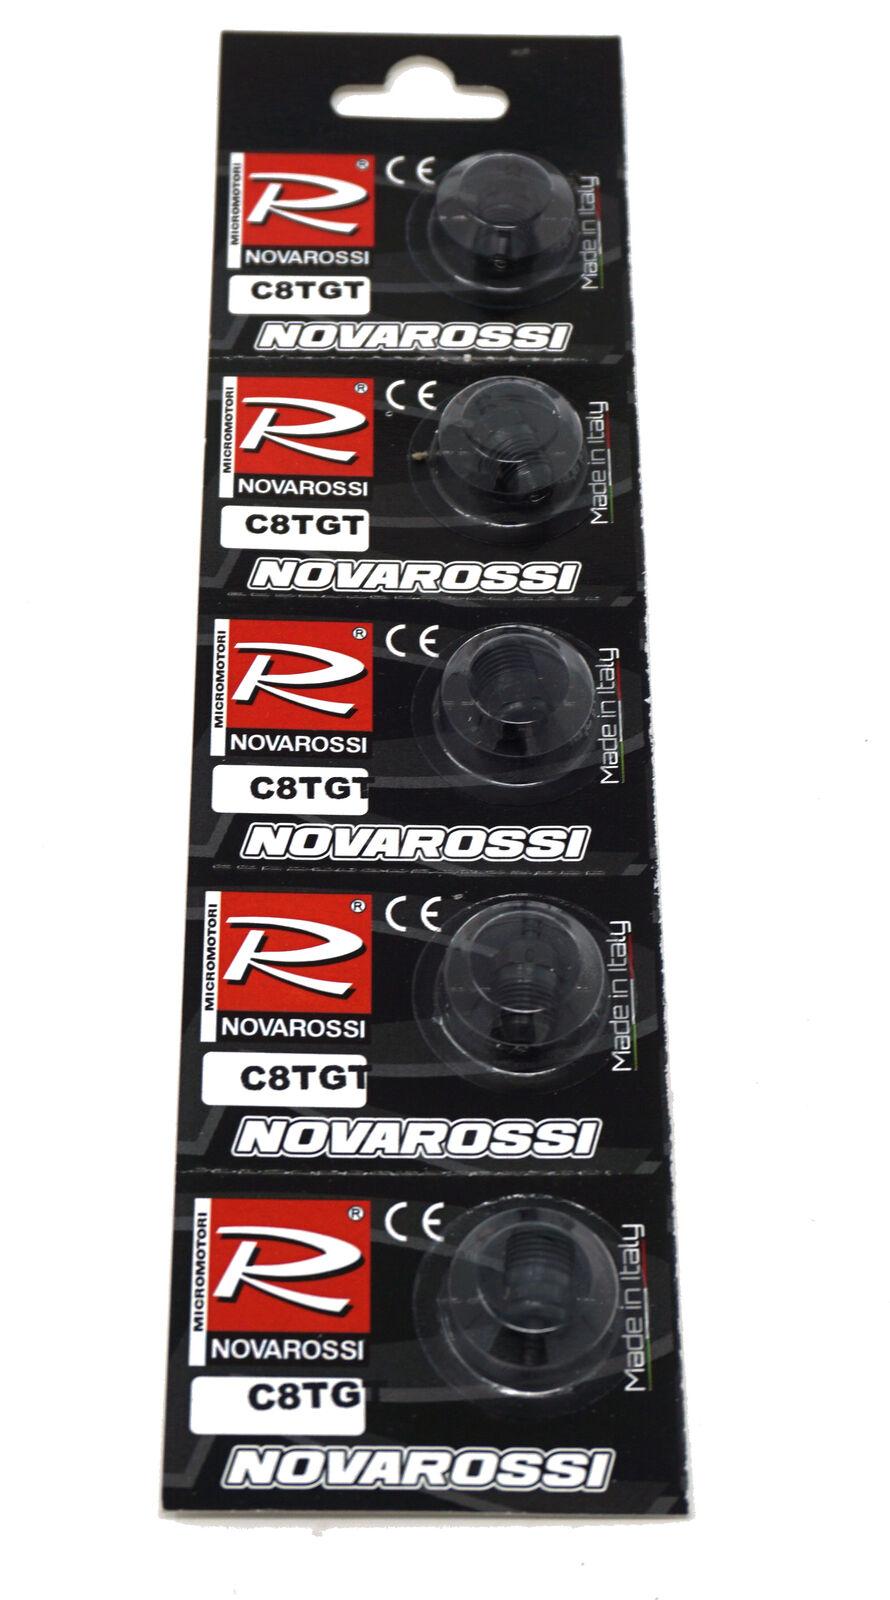 prezzo all'ingrosso Nuovo Novarossi C8TGT Marine Turbo Ambient Glow Plugs (5) gratuito gratuito gratuito US SHIP  Ritorno di 10 giorni